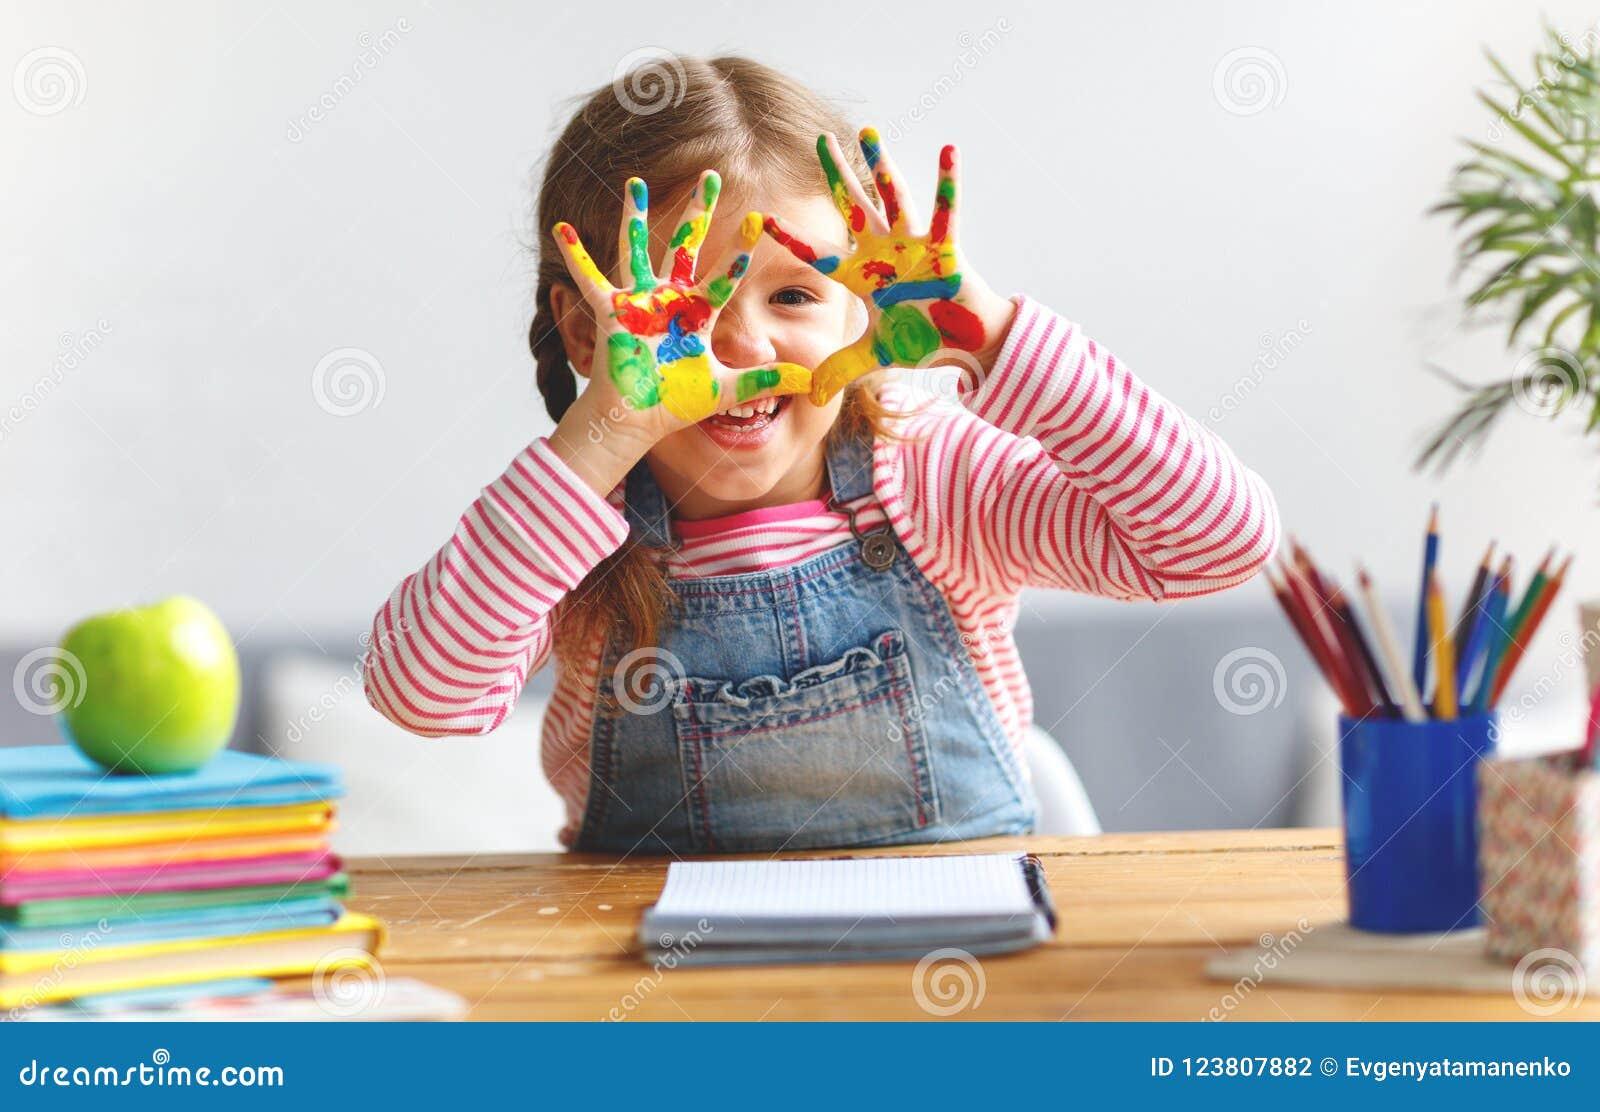 Het grappige kindmeisje trekt het lachen toont handen vuil met verf